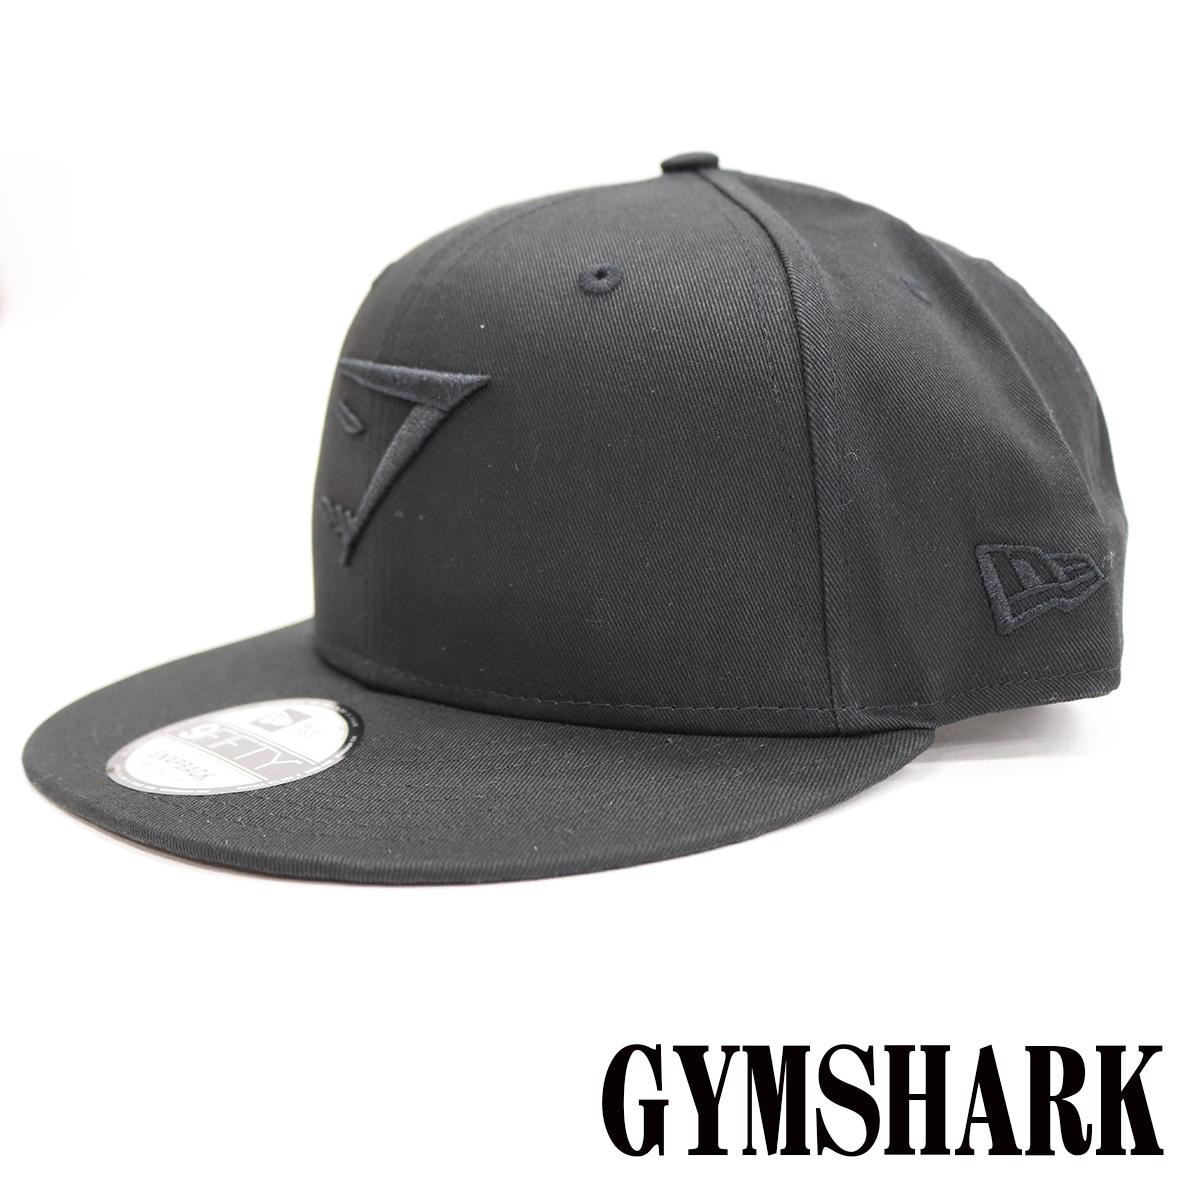 送料無料 70%OFFアウトレット ジムシャーク Gymshark 激安 お買い得 キ゛フト ニューエラ NEW ERA キャップ 帽子 9FIFTY 正規品 メンズ BLACK ブラック SNAPBACK ユニセックス